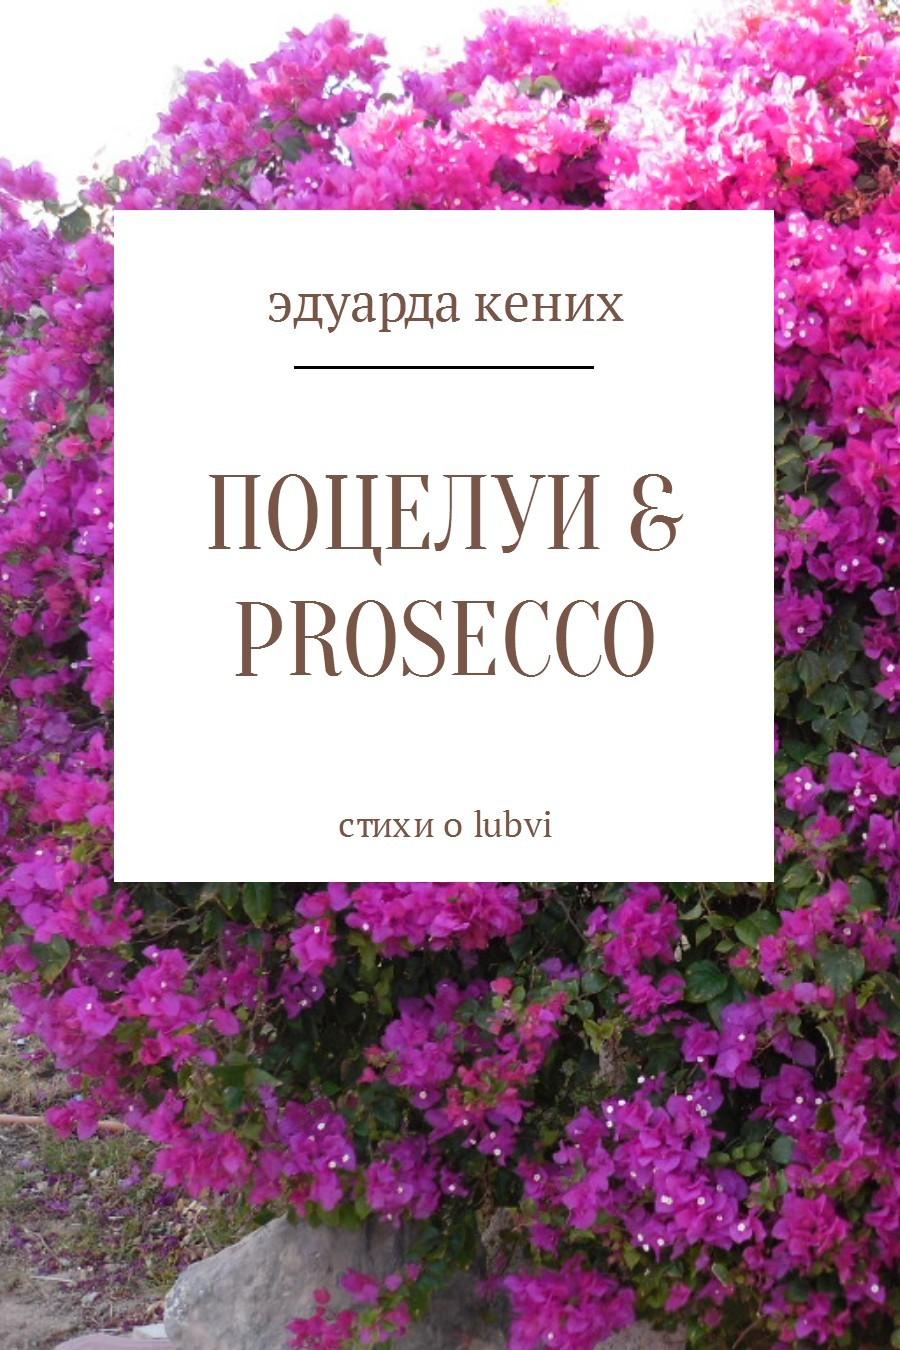 Эдуарда Кених Поцелуи & Prosecco антонов б ляховская л мудров ю павлинов п россия